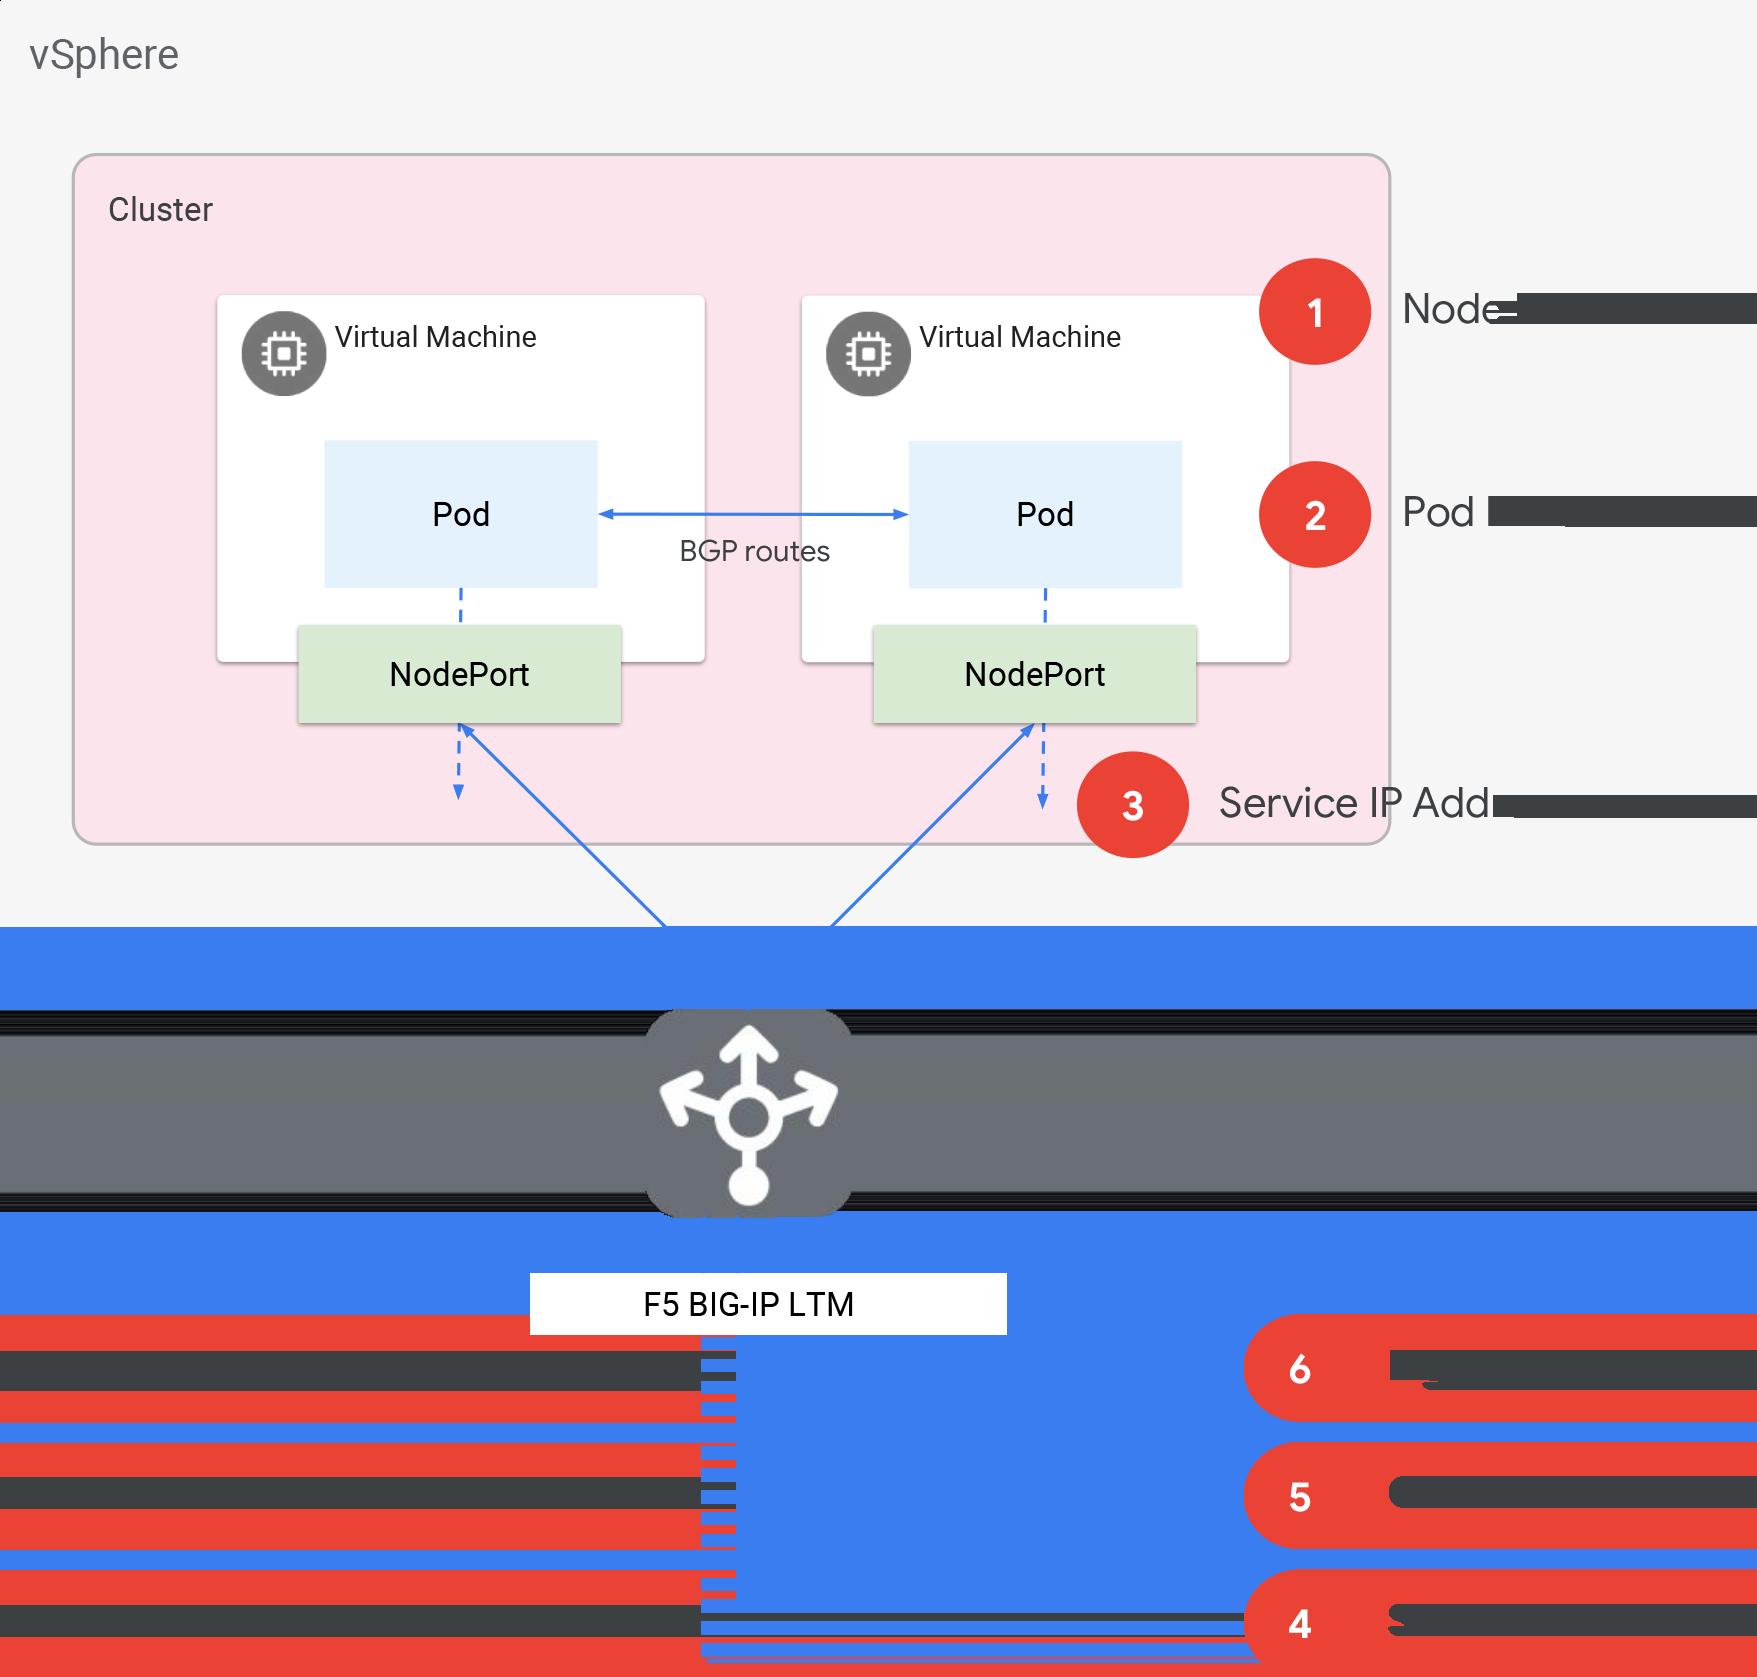 VMware용 Anthos 클러스터의 아키텍처를 설명하는 다이어그램